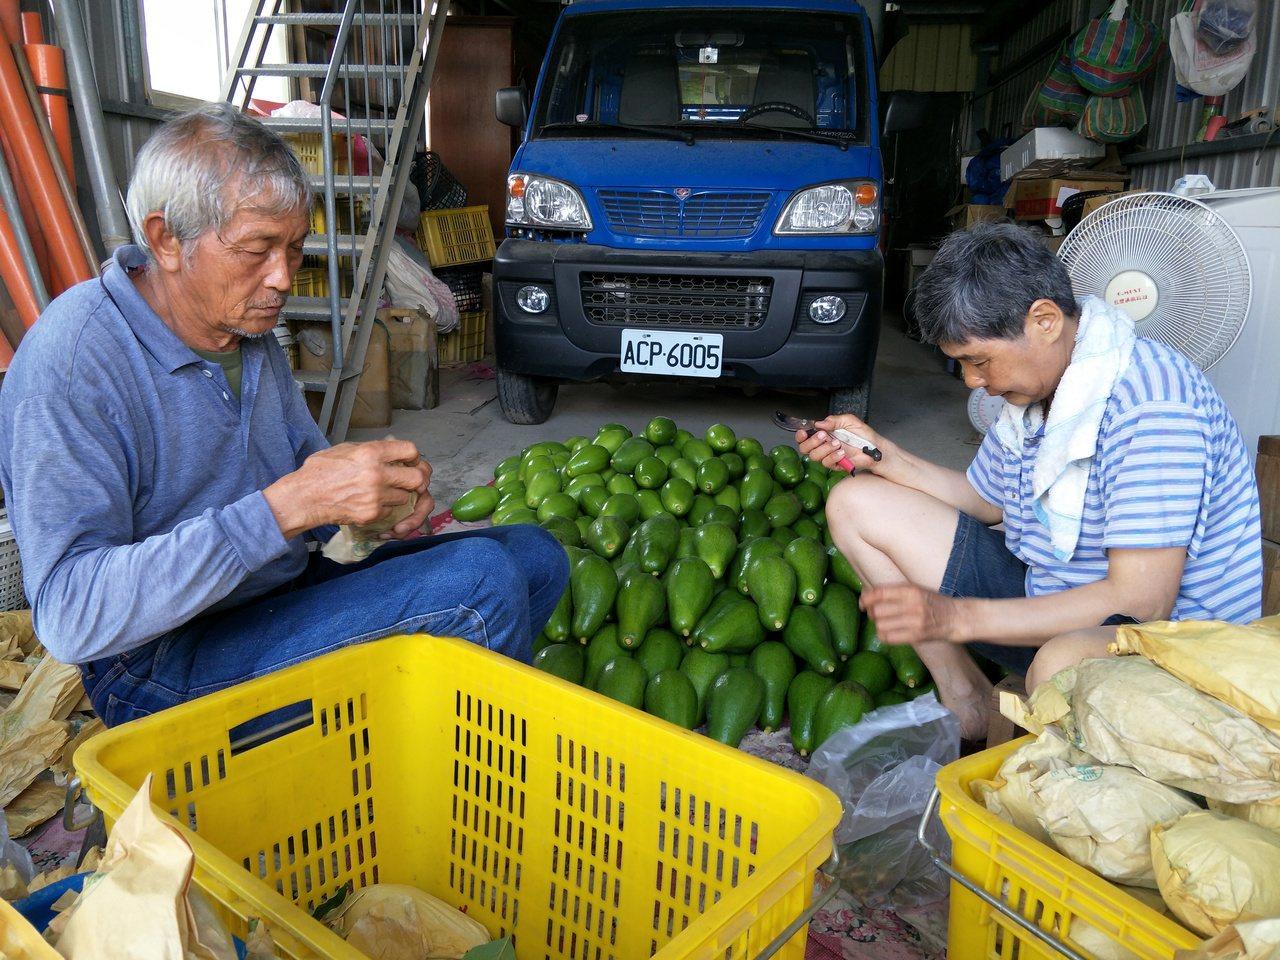 農民將採收的酪梨忙出貨。記者謝進盛/攝影